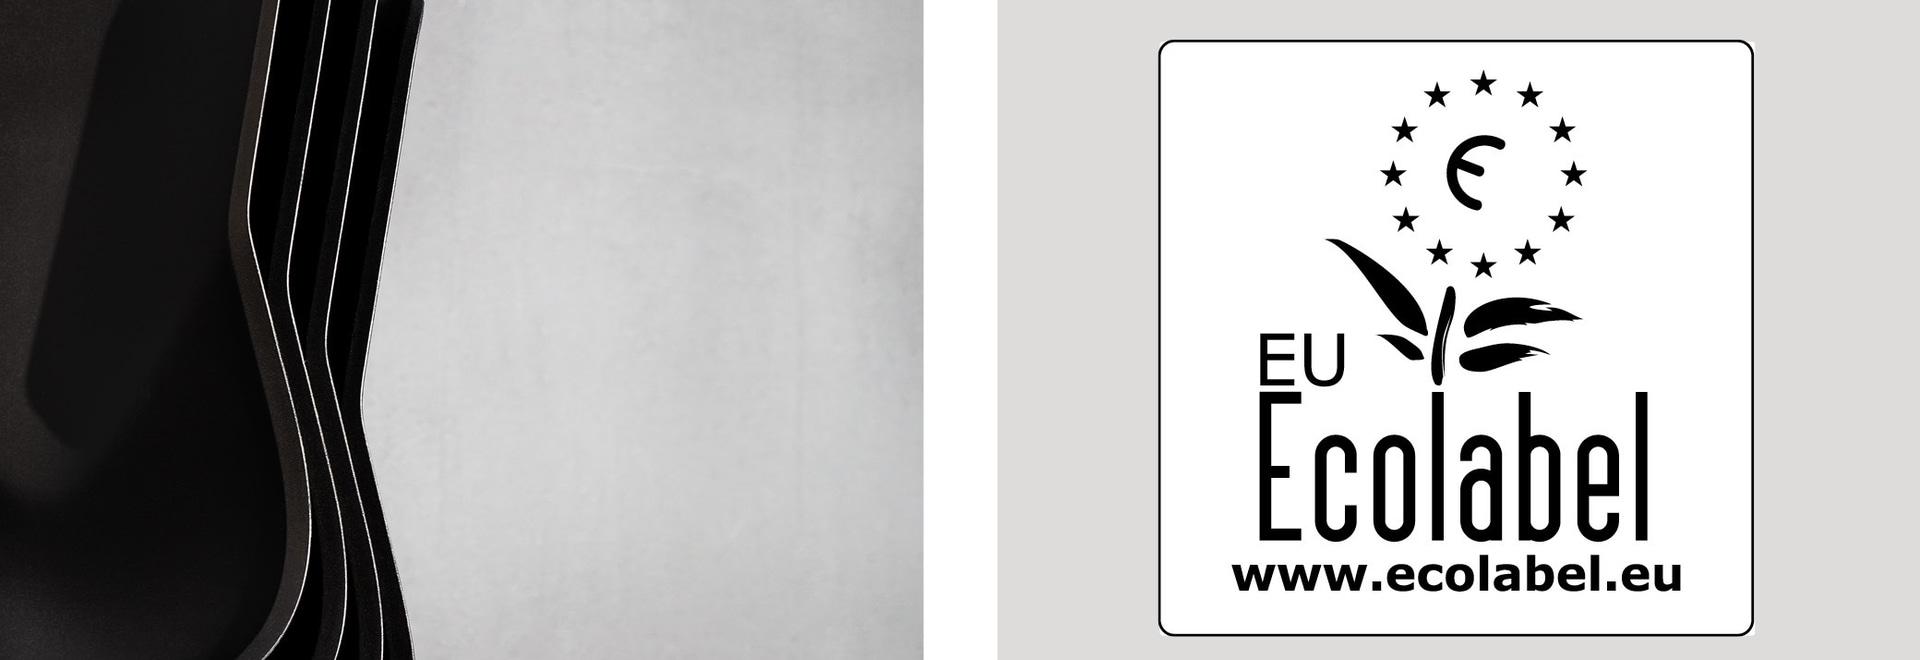 Diseño + etiqueta ecológica de Four®